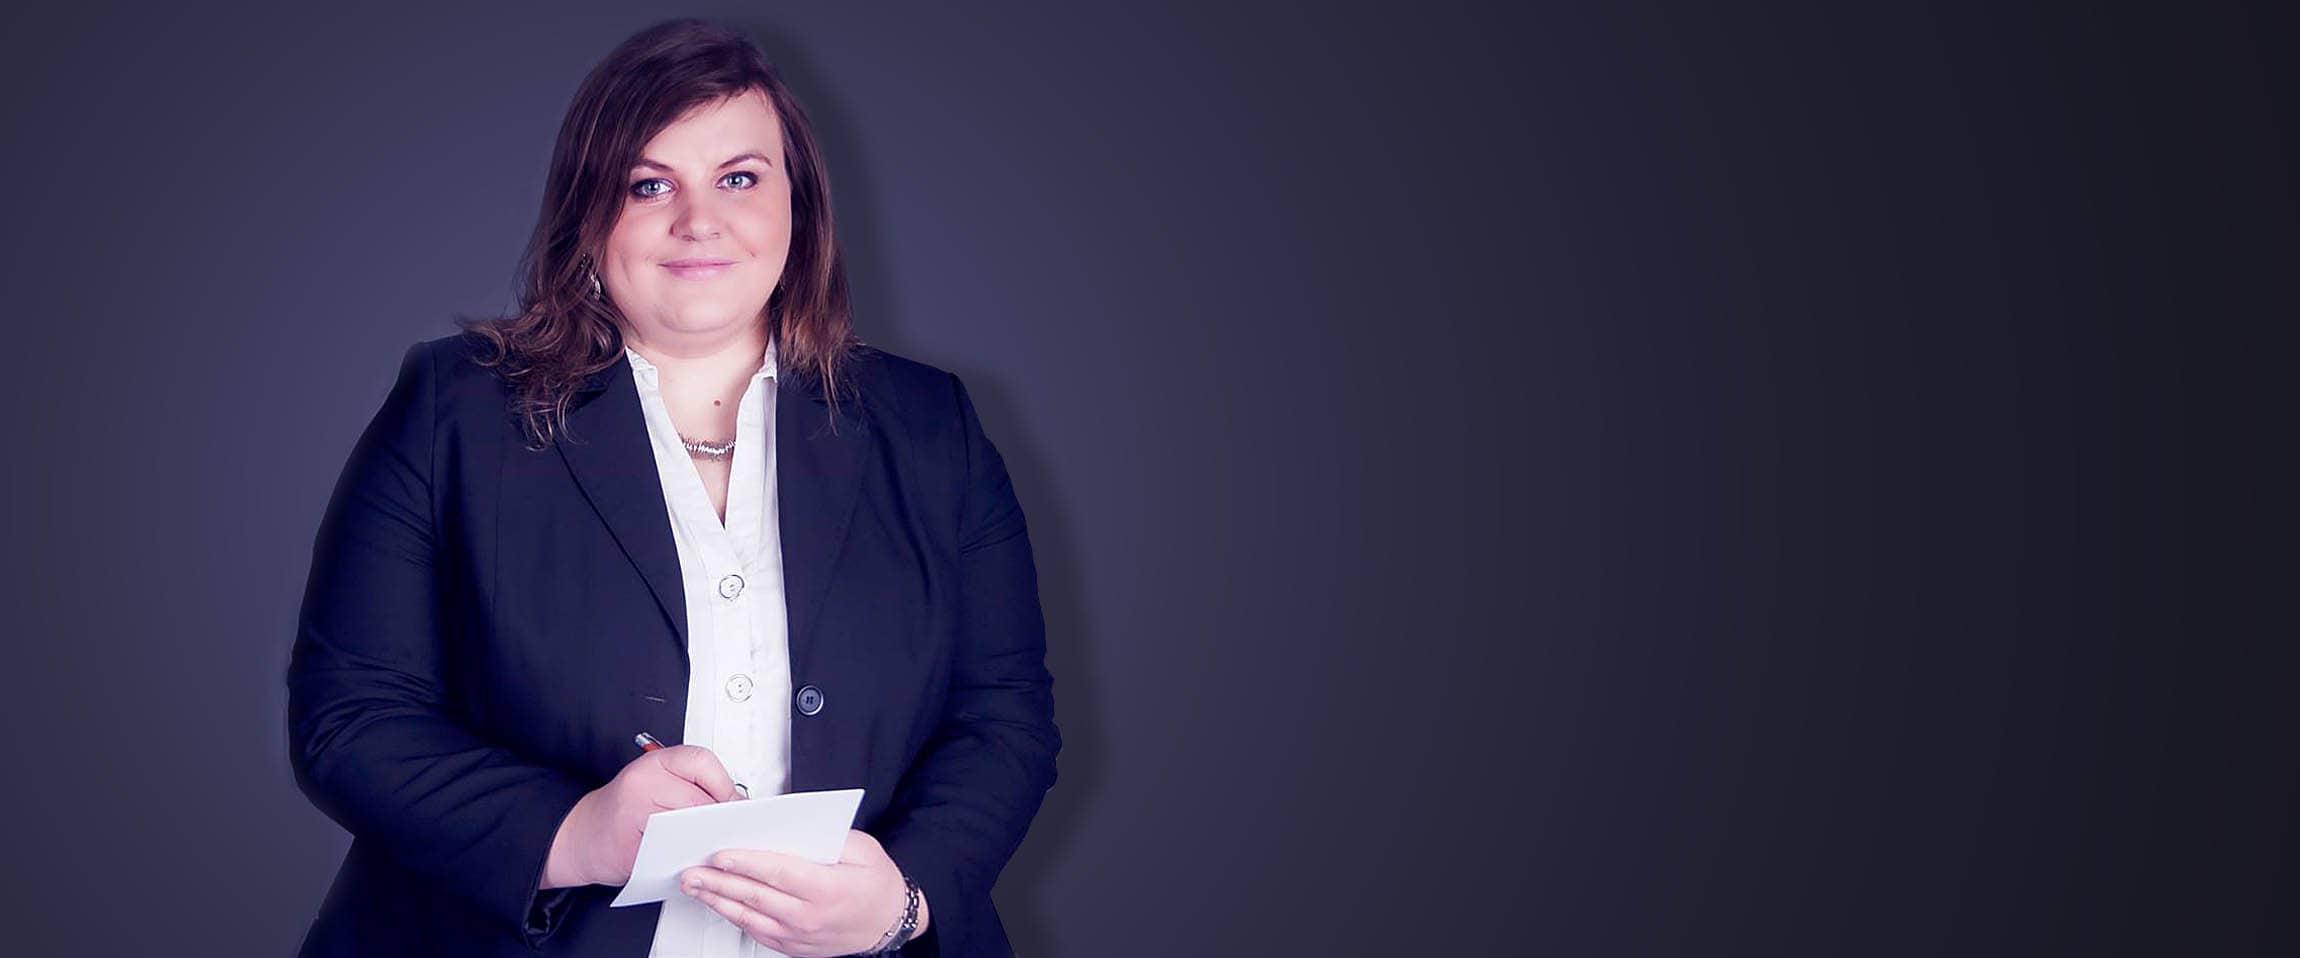 Wywiad z Justyną Broniecką - zaproszenie od Kamila Cebulskiego